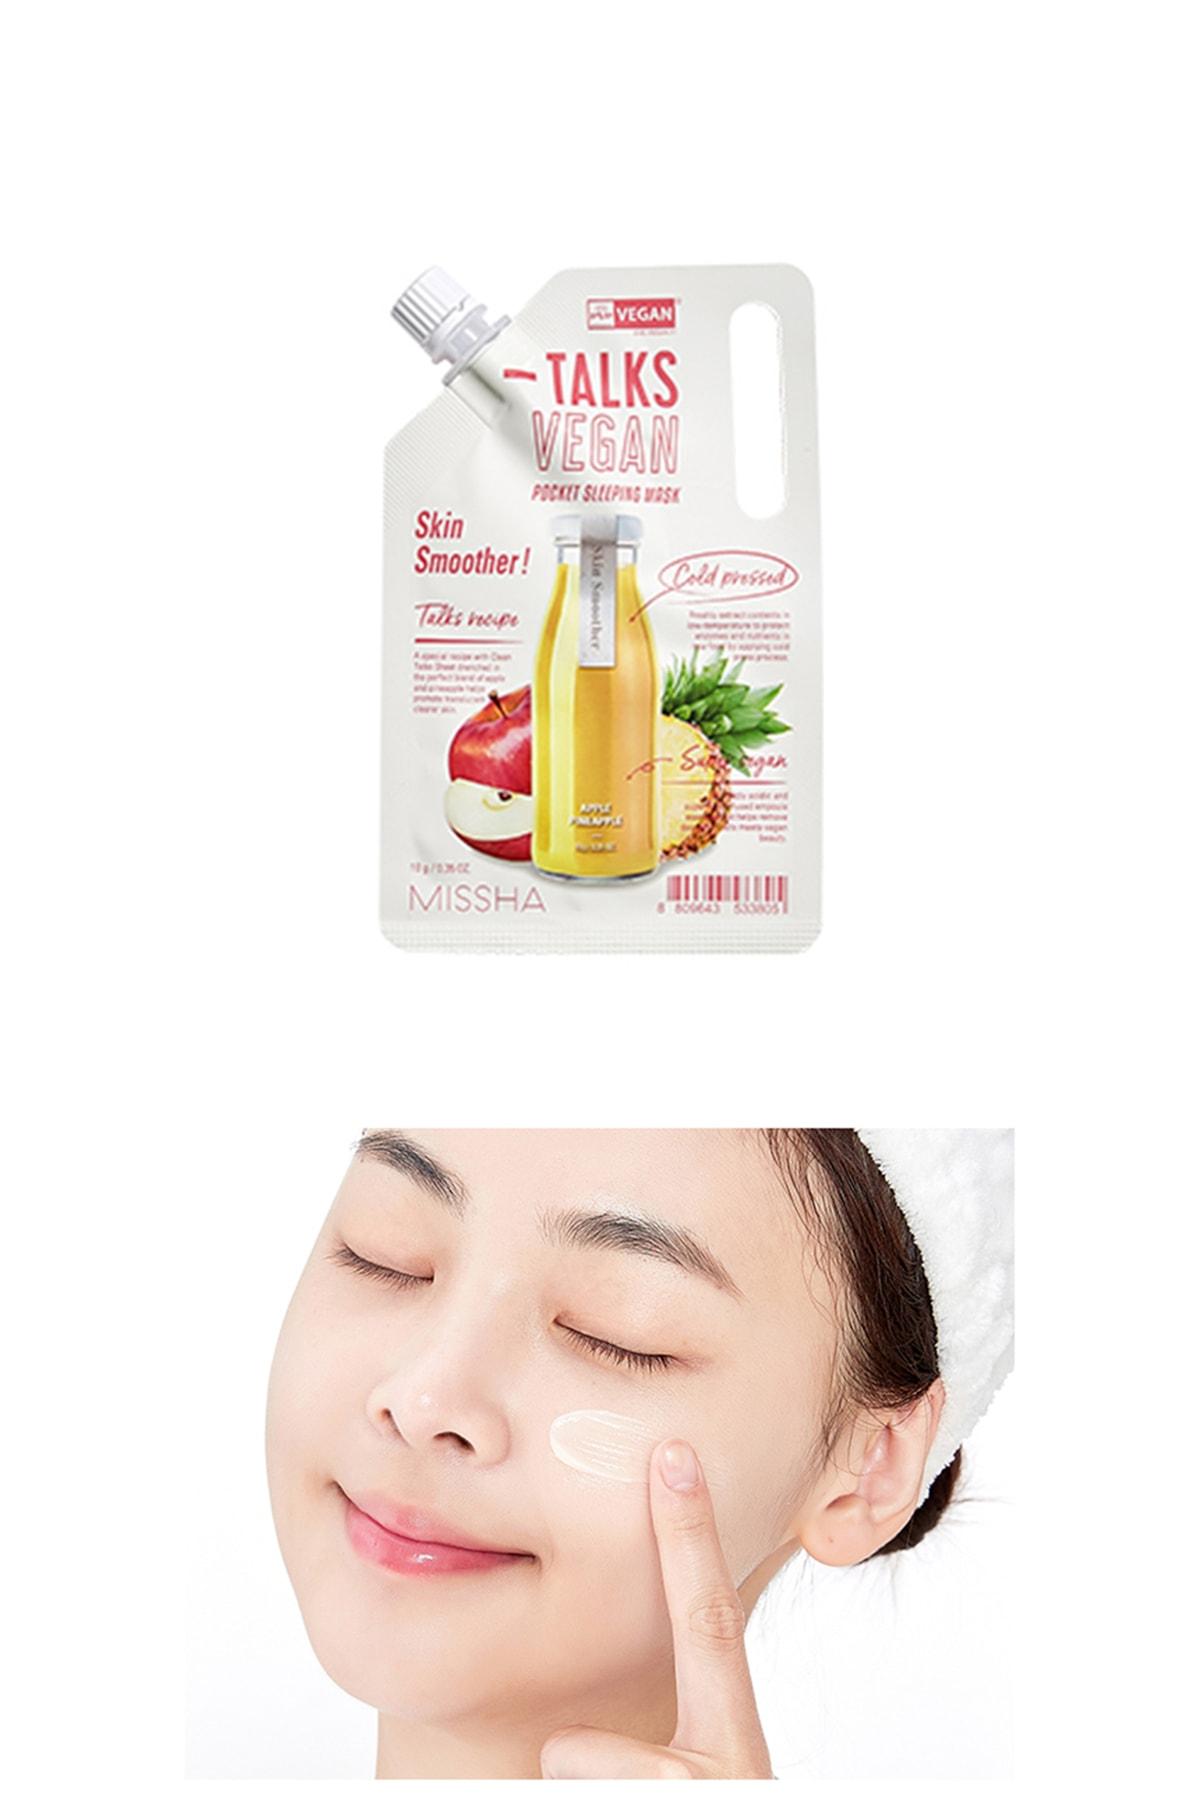 Missha Pürüzsüzleştirici Vegan Uyku Maskesi 10g Talks Vegan Squeeze Pocket Sleeping Mask (Skin Smoother)